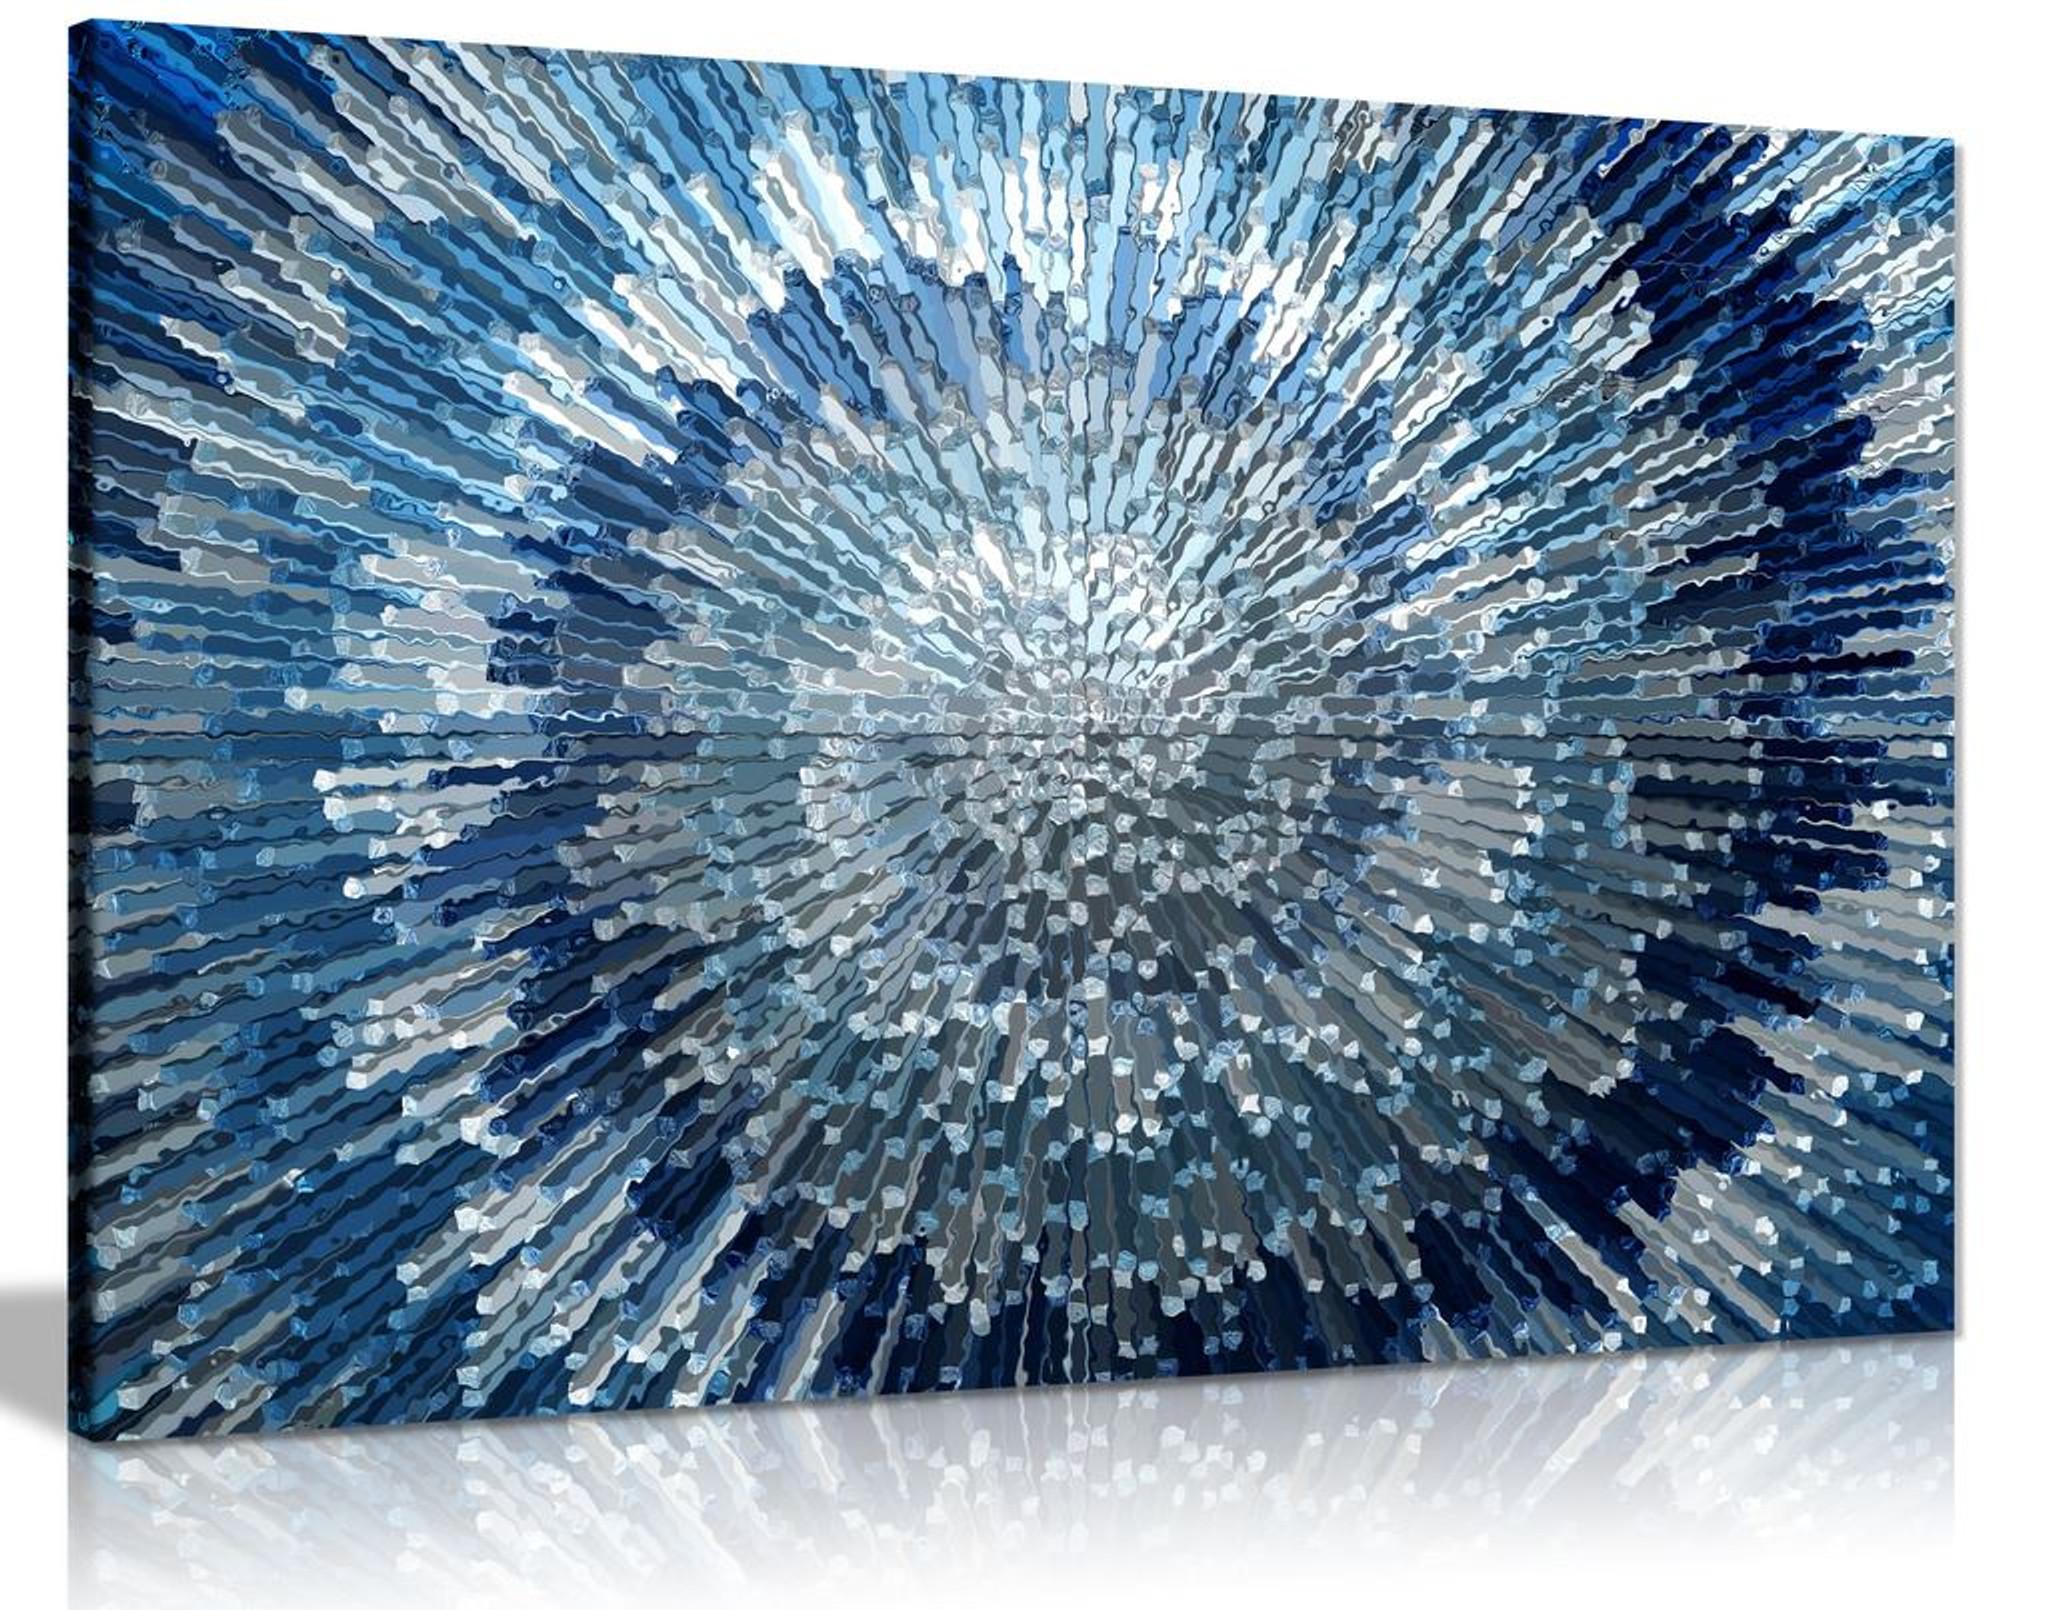 Blue silver spiral